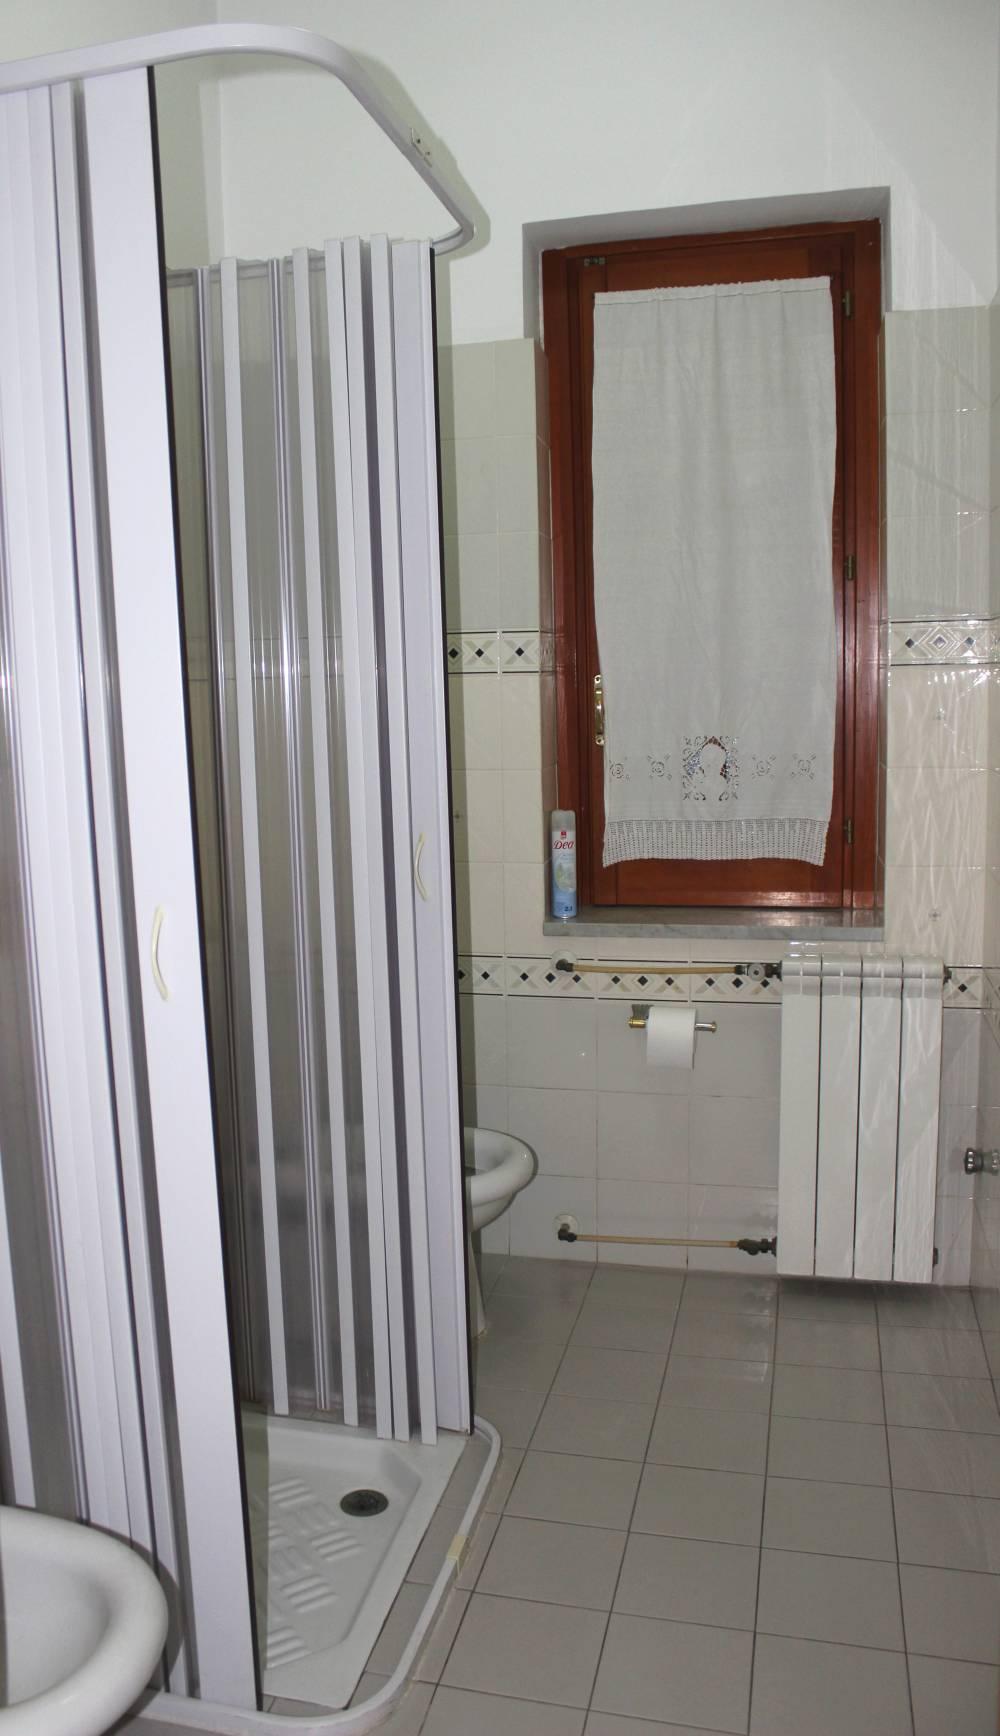 Economico monolocale per vacanze a capo d orlando sicilia cd82 - Documenti per ristrutturazione bagno ...